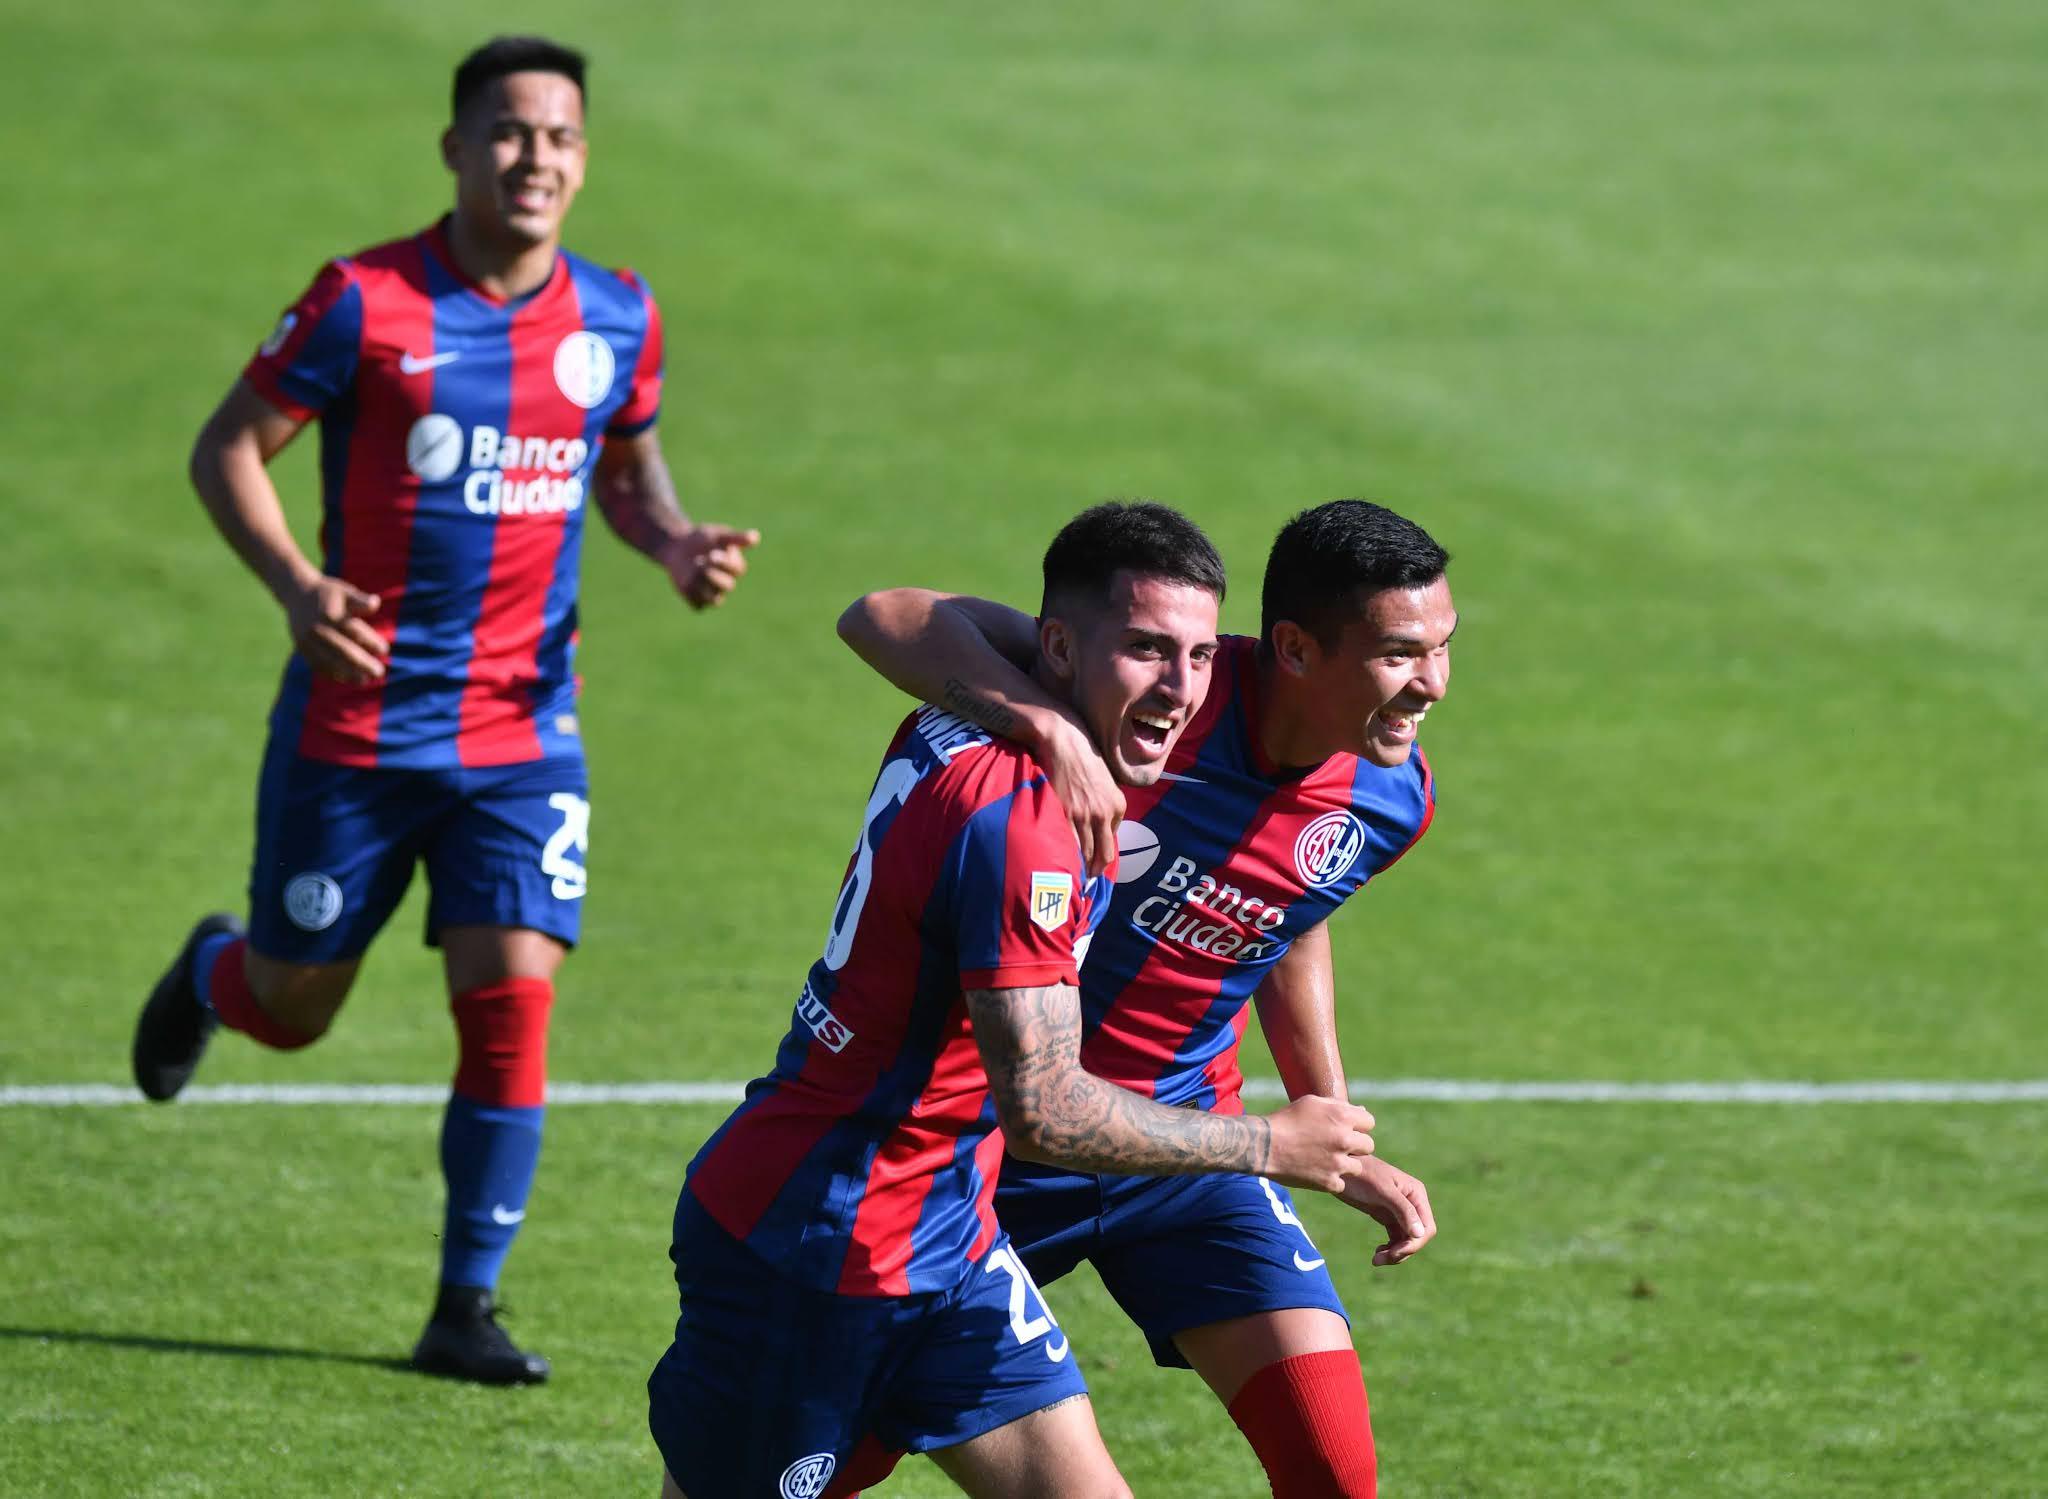 San Lorenzo volvió al triunfo después de tres partidos con un ajustado 2-1 ante Defensa y Justicia en el Nuevo Gasómetro por la fecha 13 de la Liga Profesional de Fútbol.